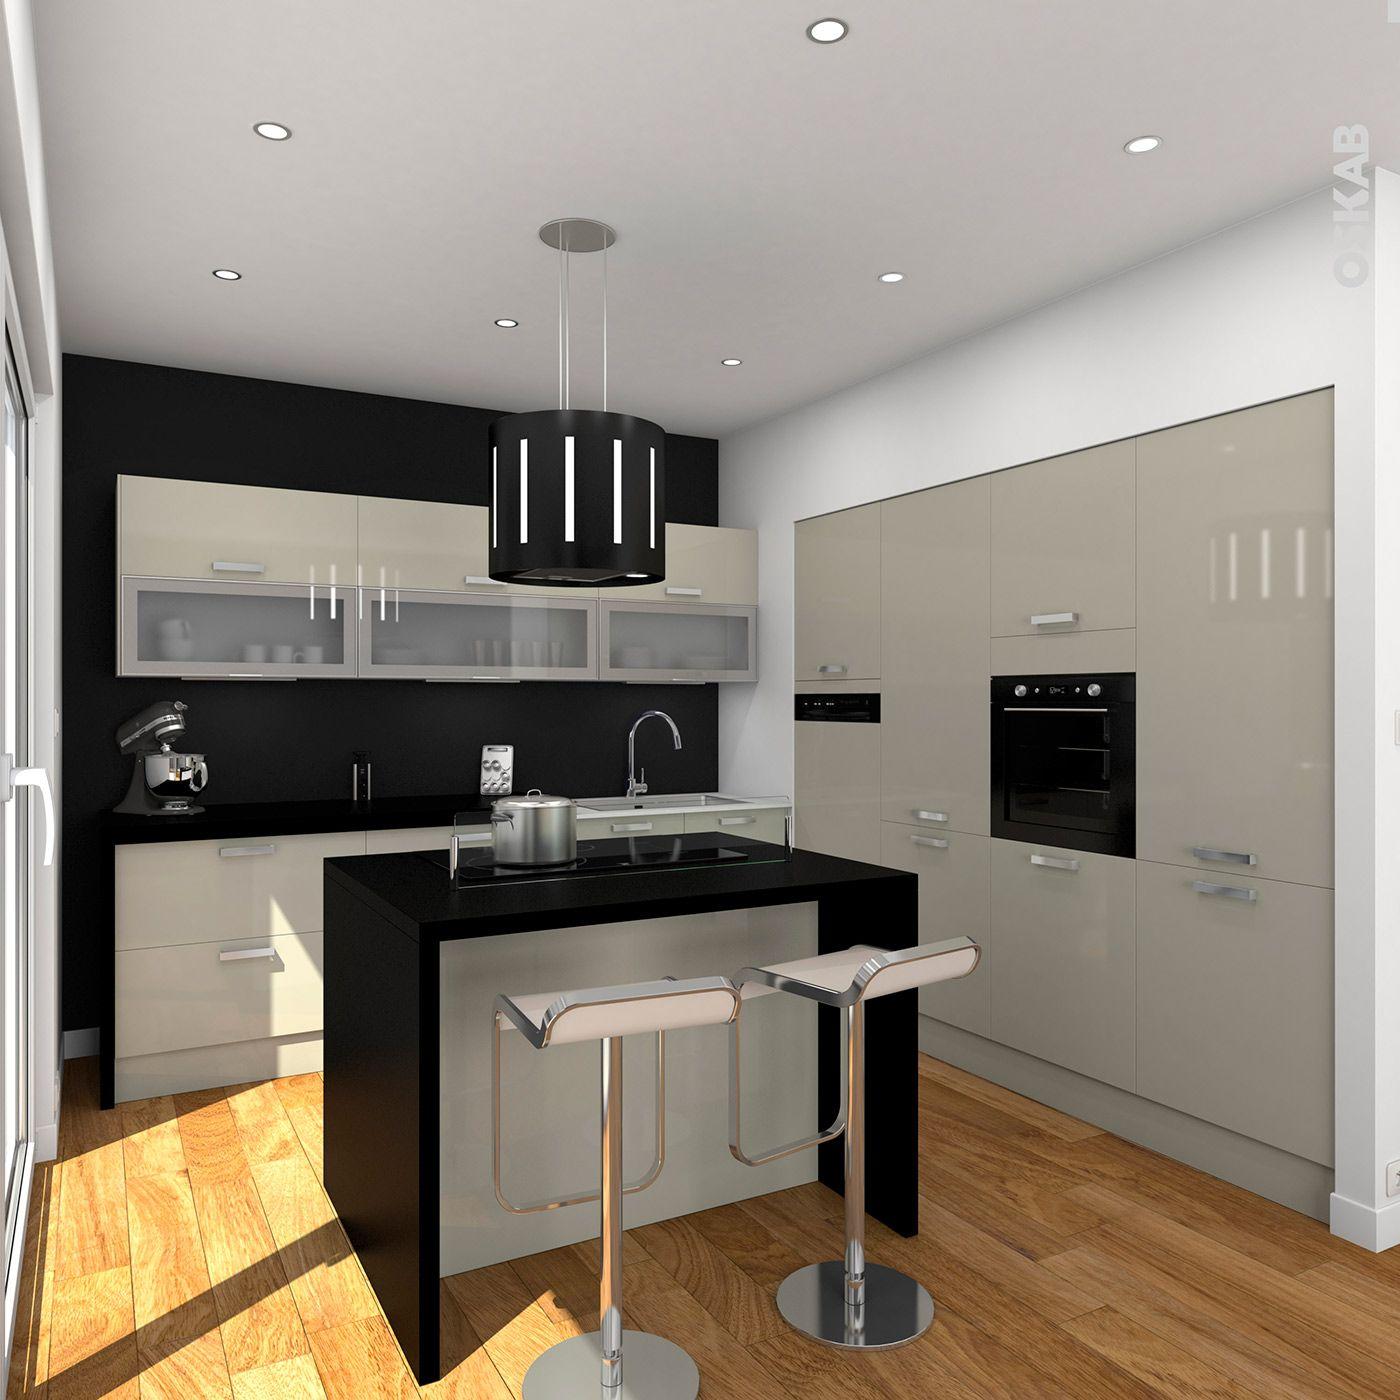 Cuisine couleur argile en l ouverte sur salon avec ilot de pr paration et snack plan de - Couleur cuisine salon air ouverte ...